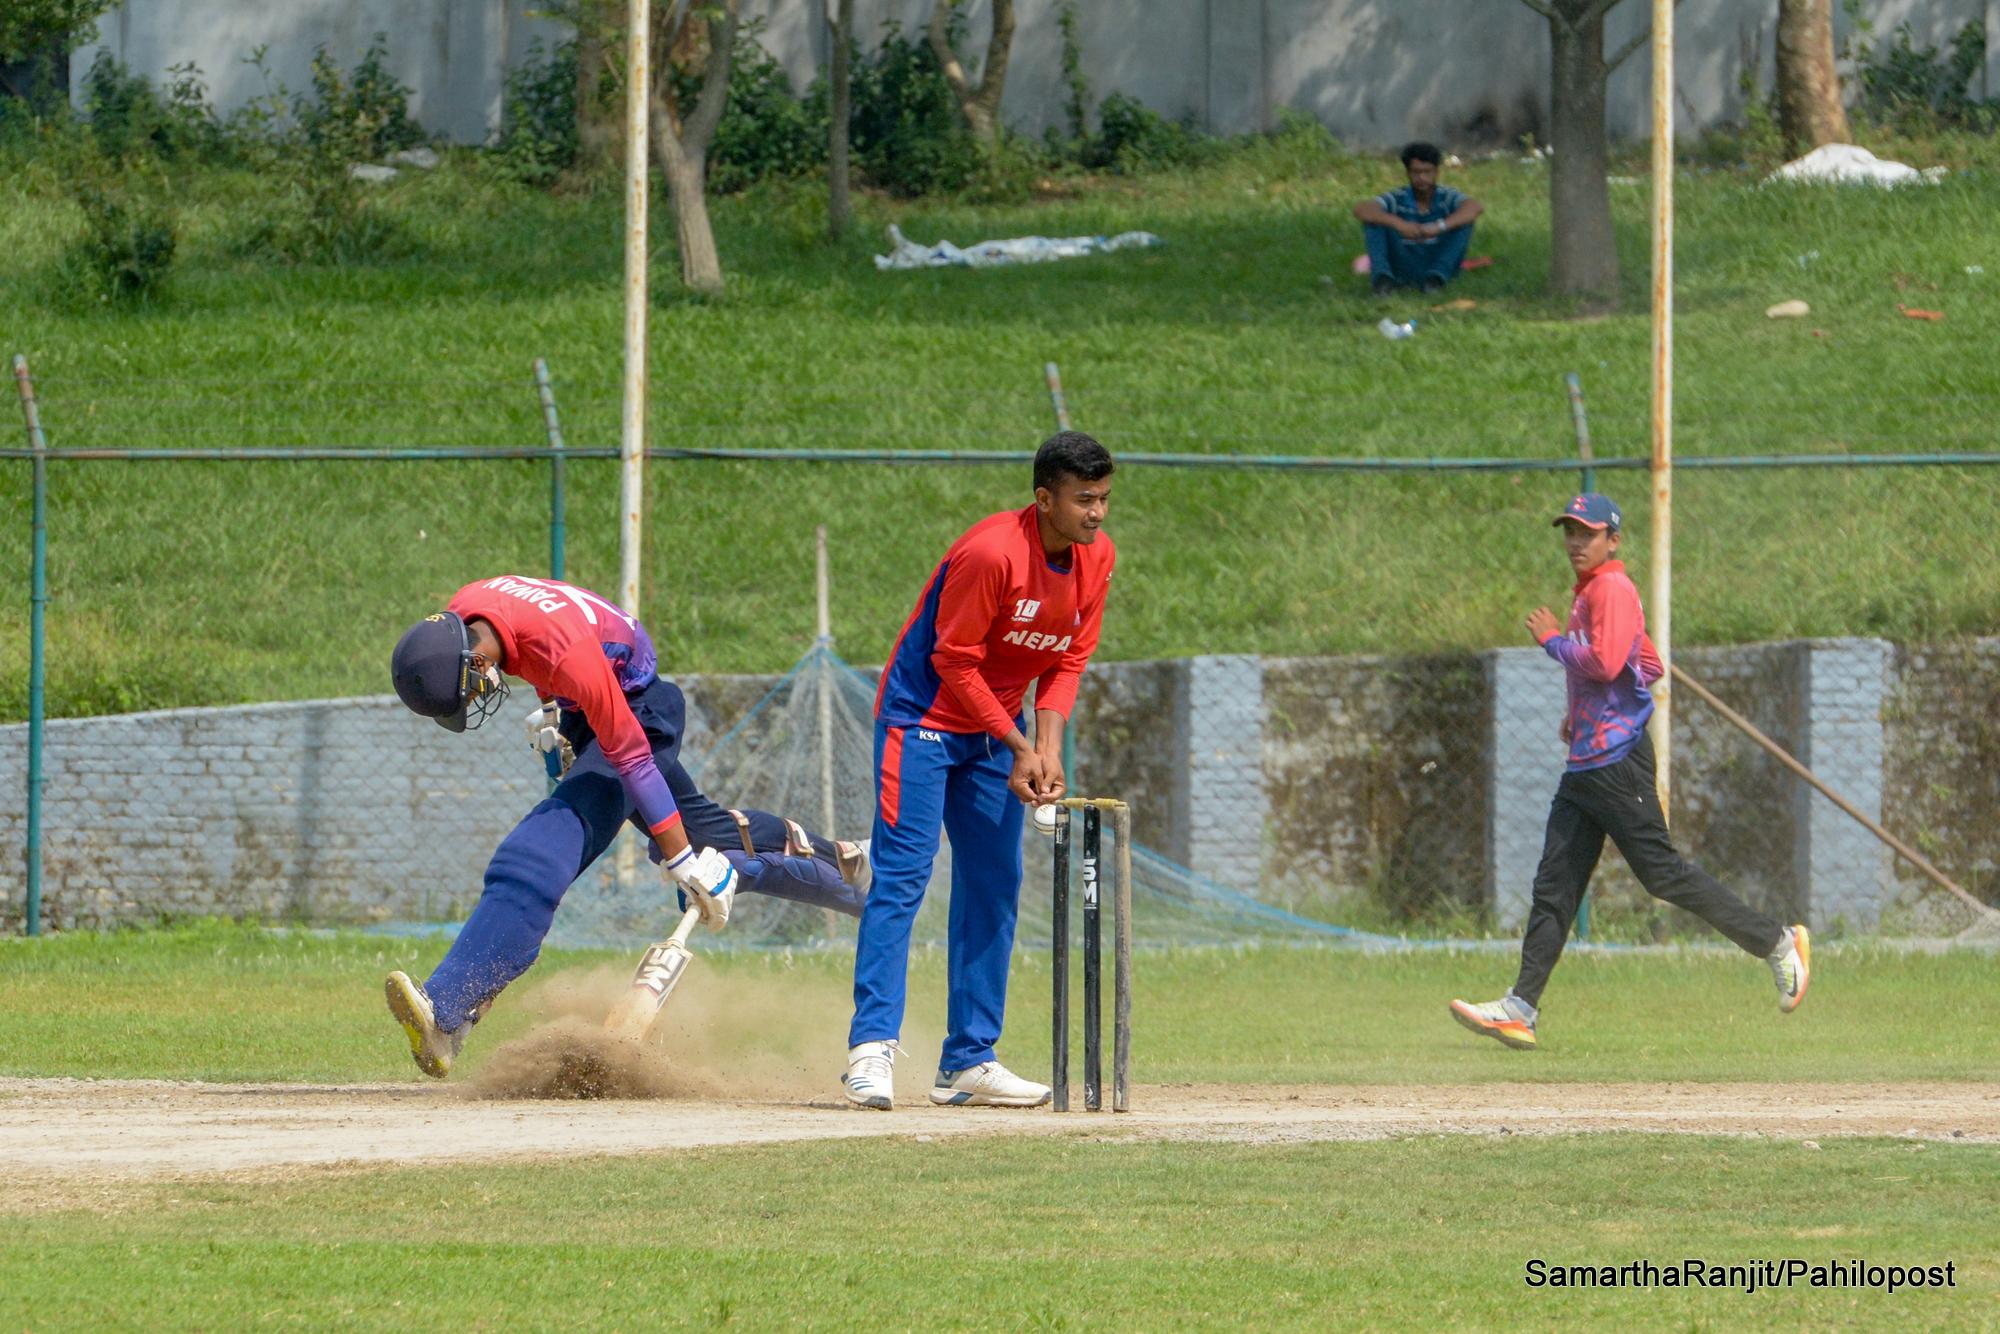 एसीसी यू-१९ इस्टर्न रिजन क्रिकेटको लागि नेपाल तयारी, हेर्नुस फोटोमा